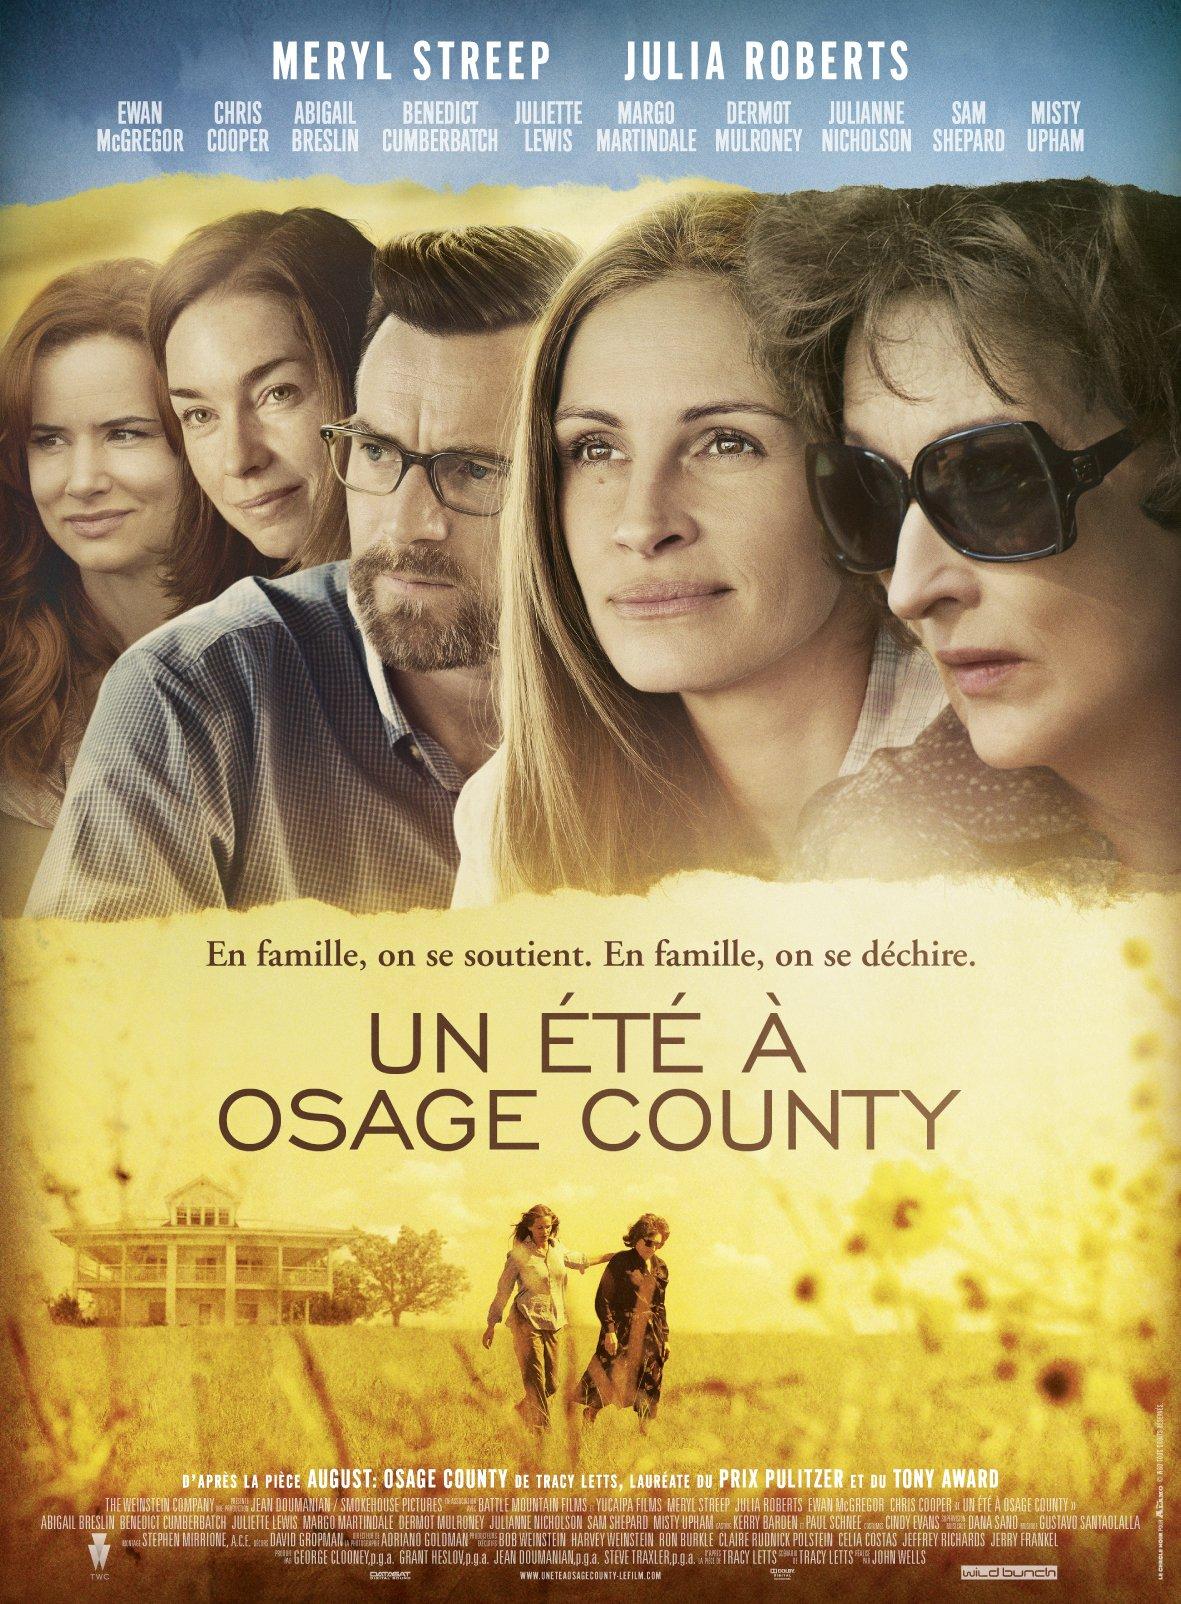 UN-ÉTÉ-À-OSAGE-COUNTY-Affiche-France